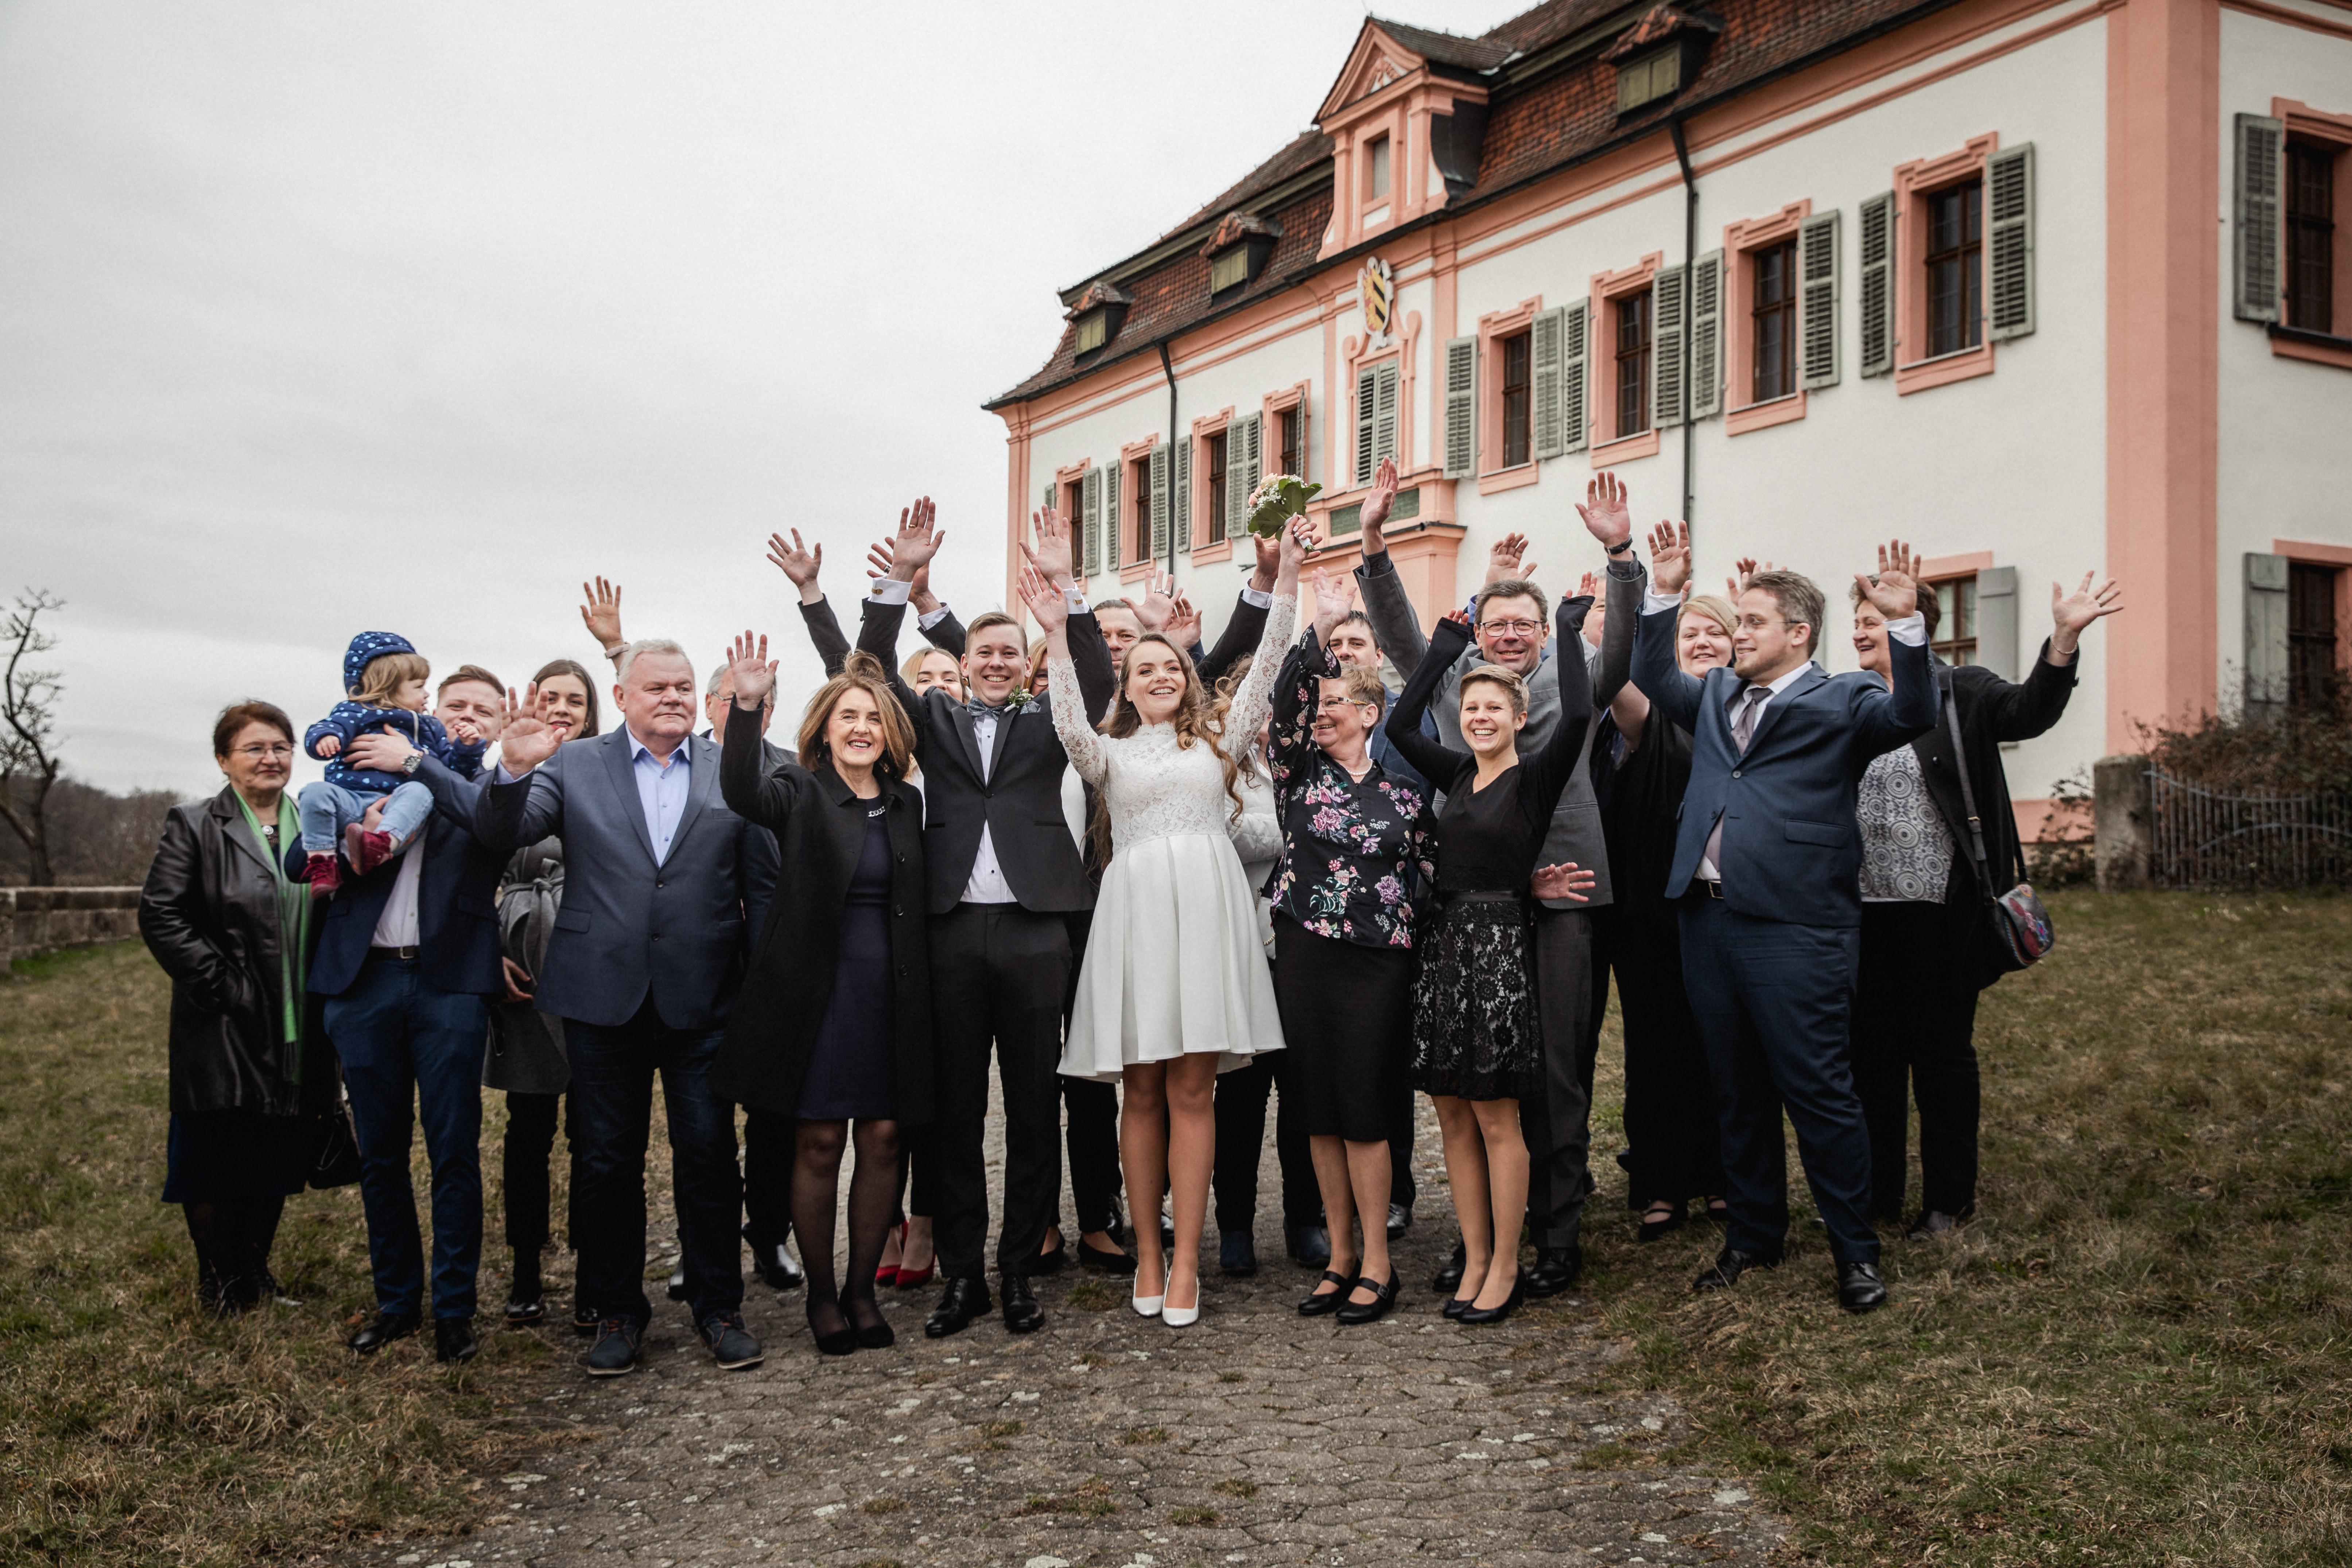 Hochzeitsfotograf-Grossgruendlach-Standesamt-Hallerschloss-Urbanerie-Stazija-und-Michael-070